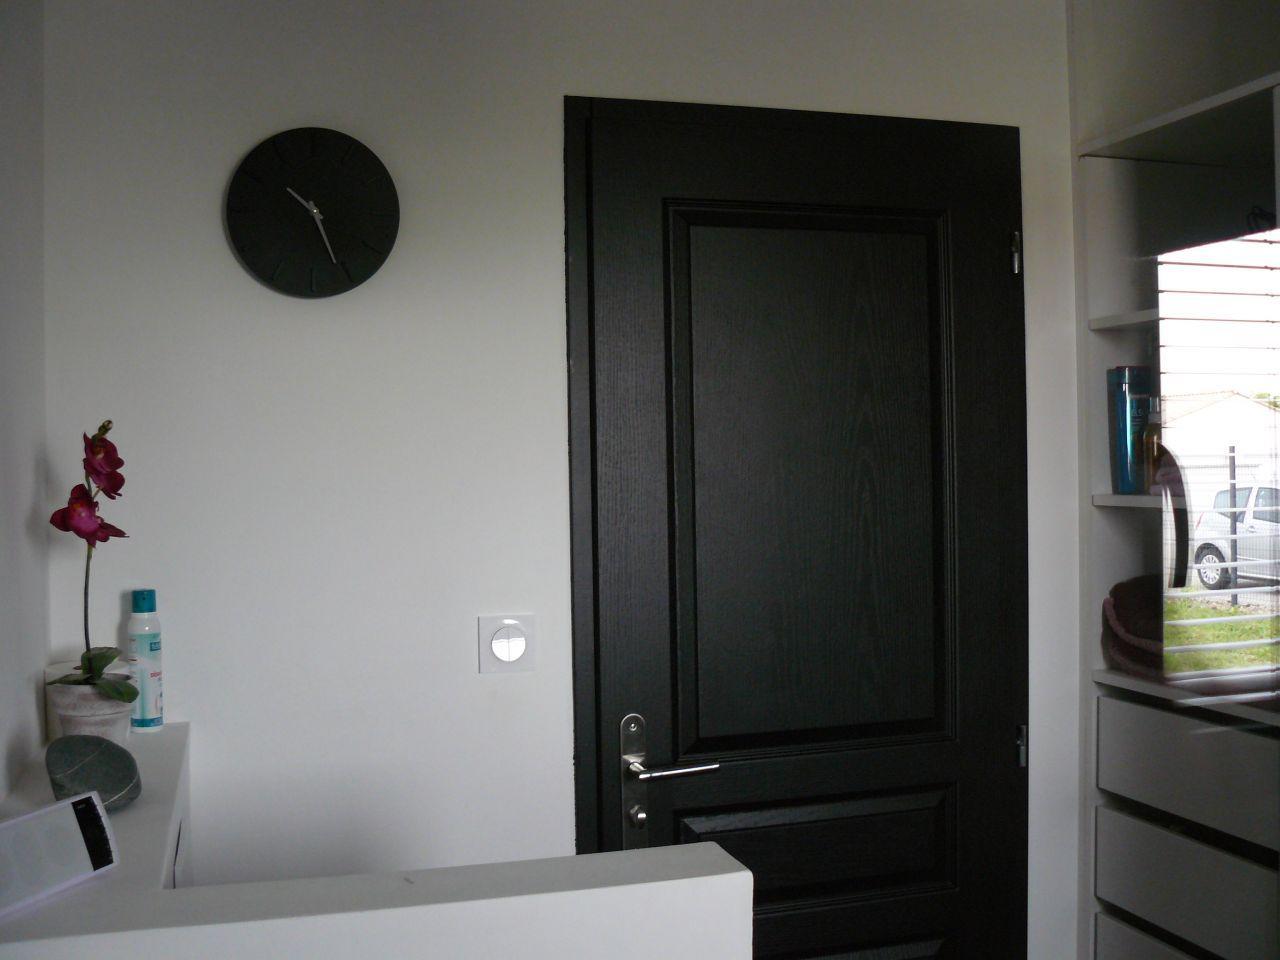 Photo porte salle de bain peinte en noir d co divers pinterest salles de bains - Porte interieur salle de bain ...